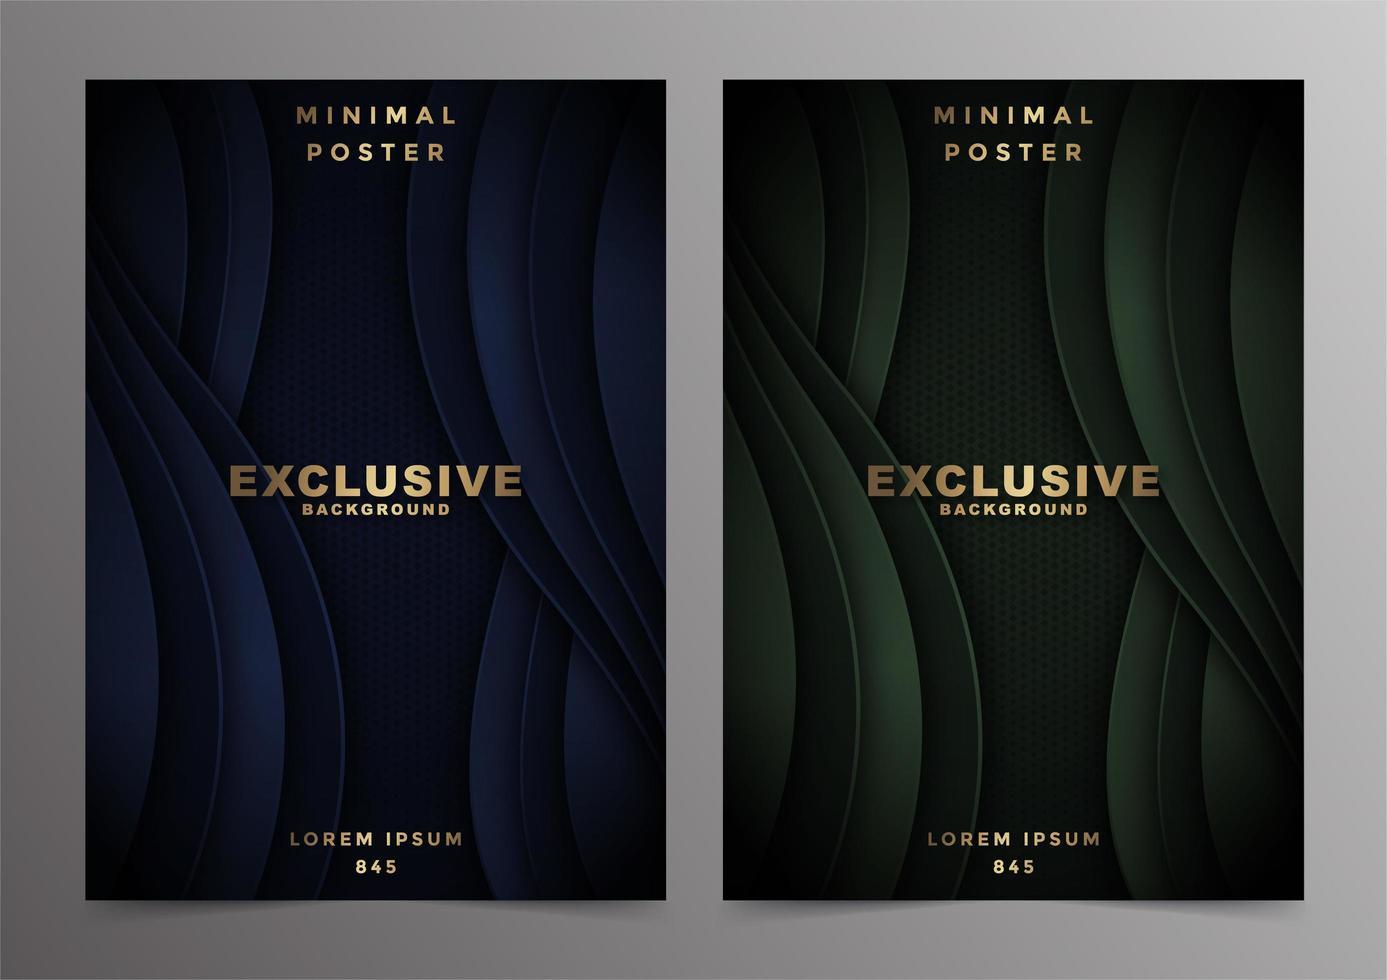 diseño de portadas mínimas de onda abstracta de lujo vector